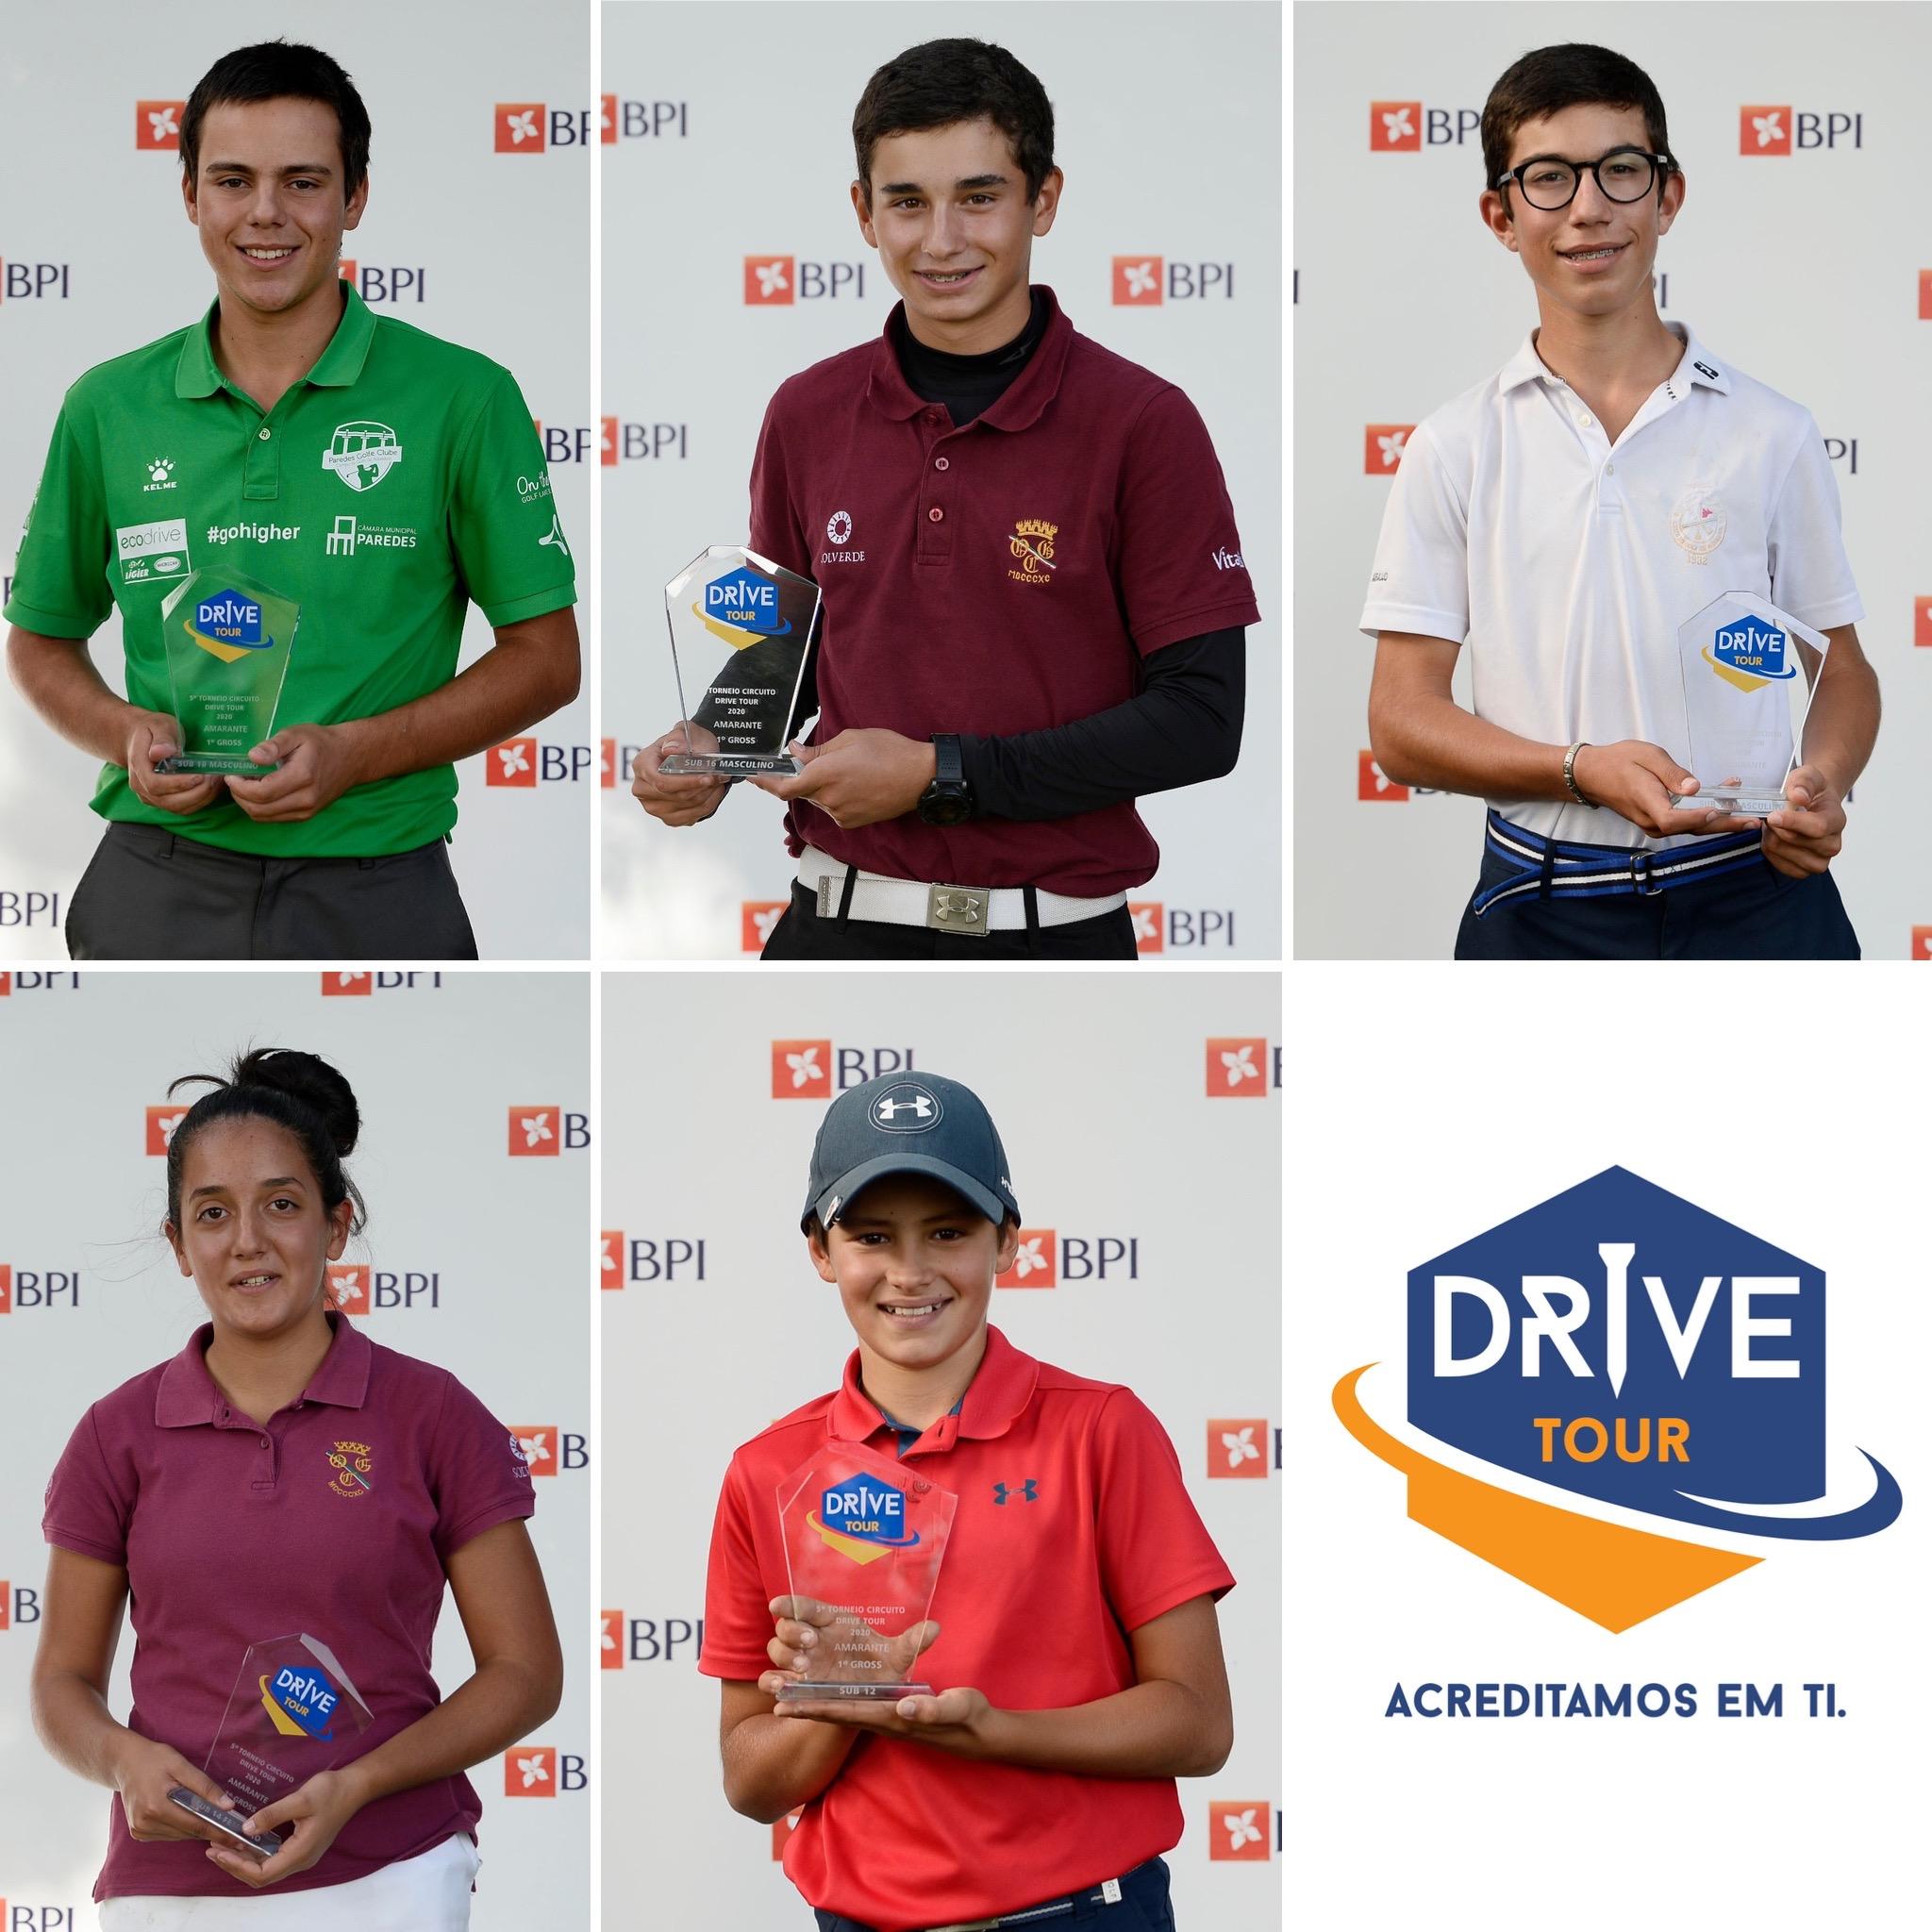 5.º Torneio Drive Tour – Uns grandes vencedores em Amarante